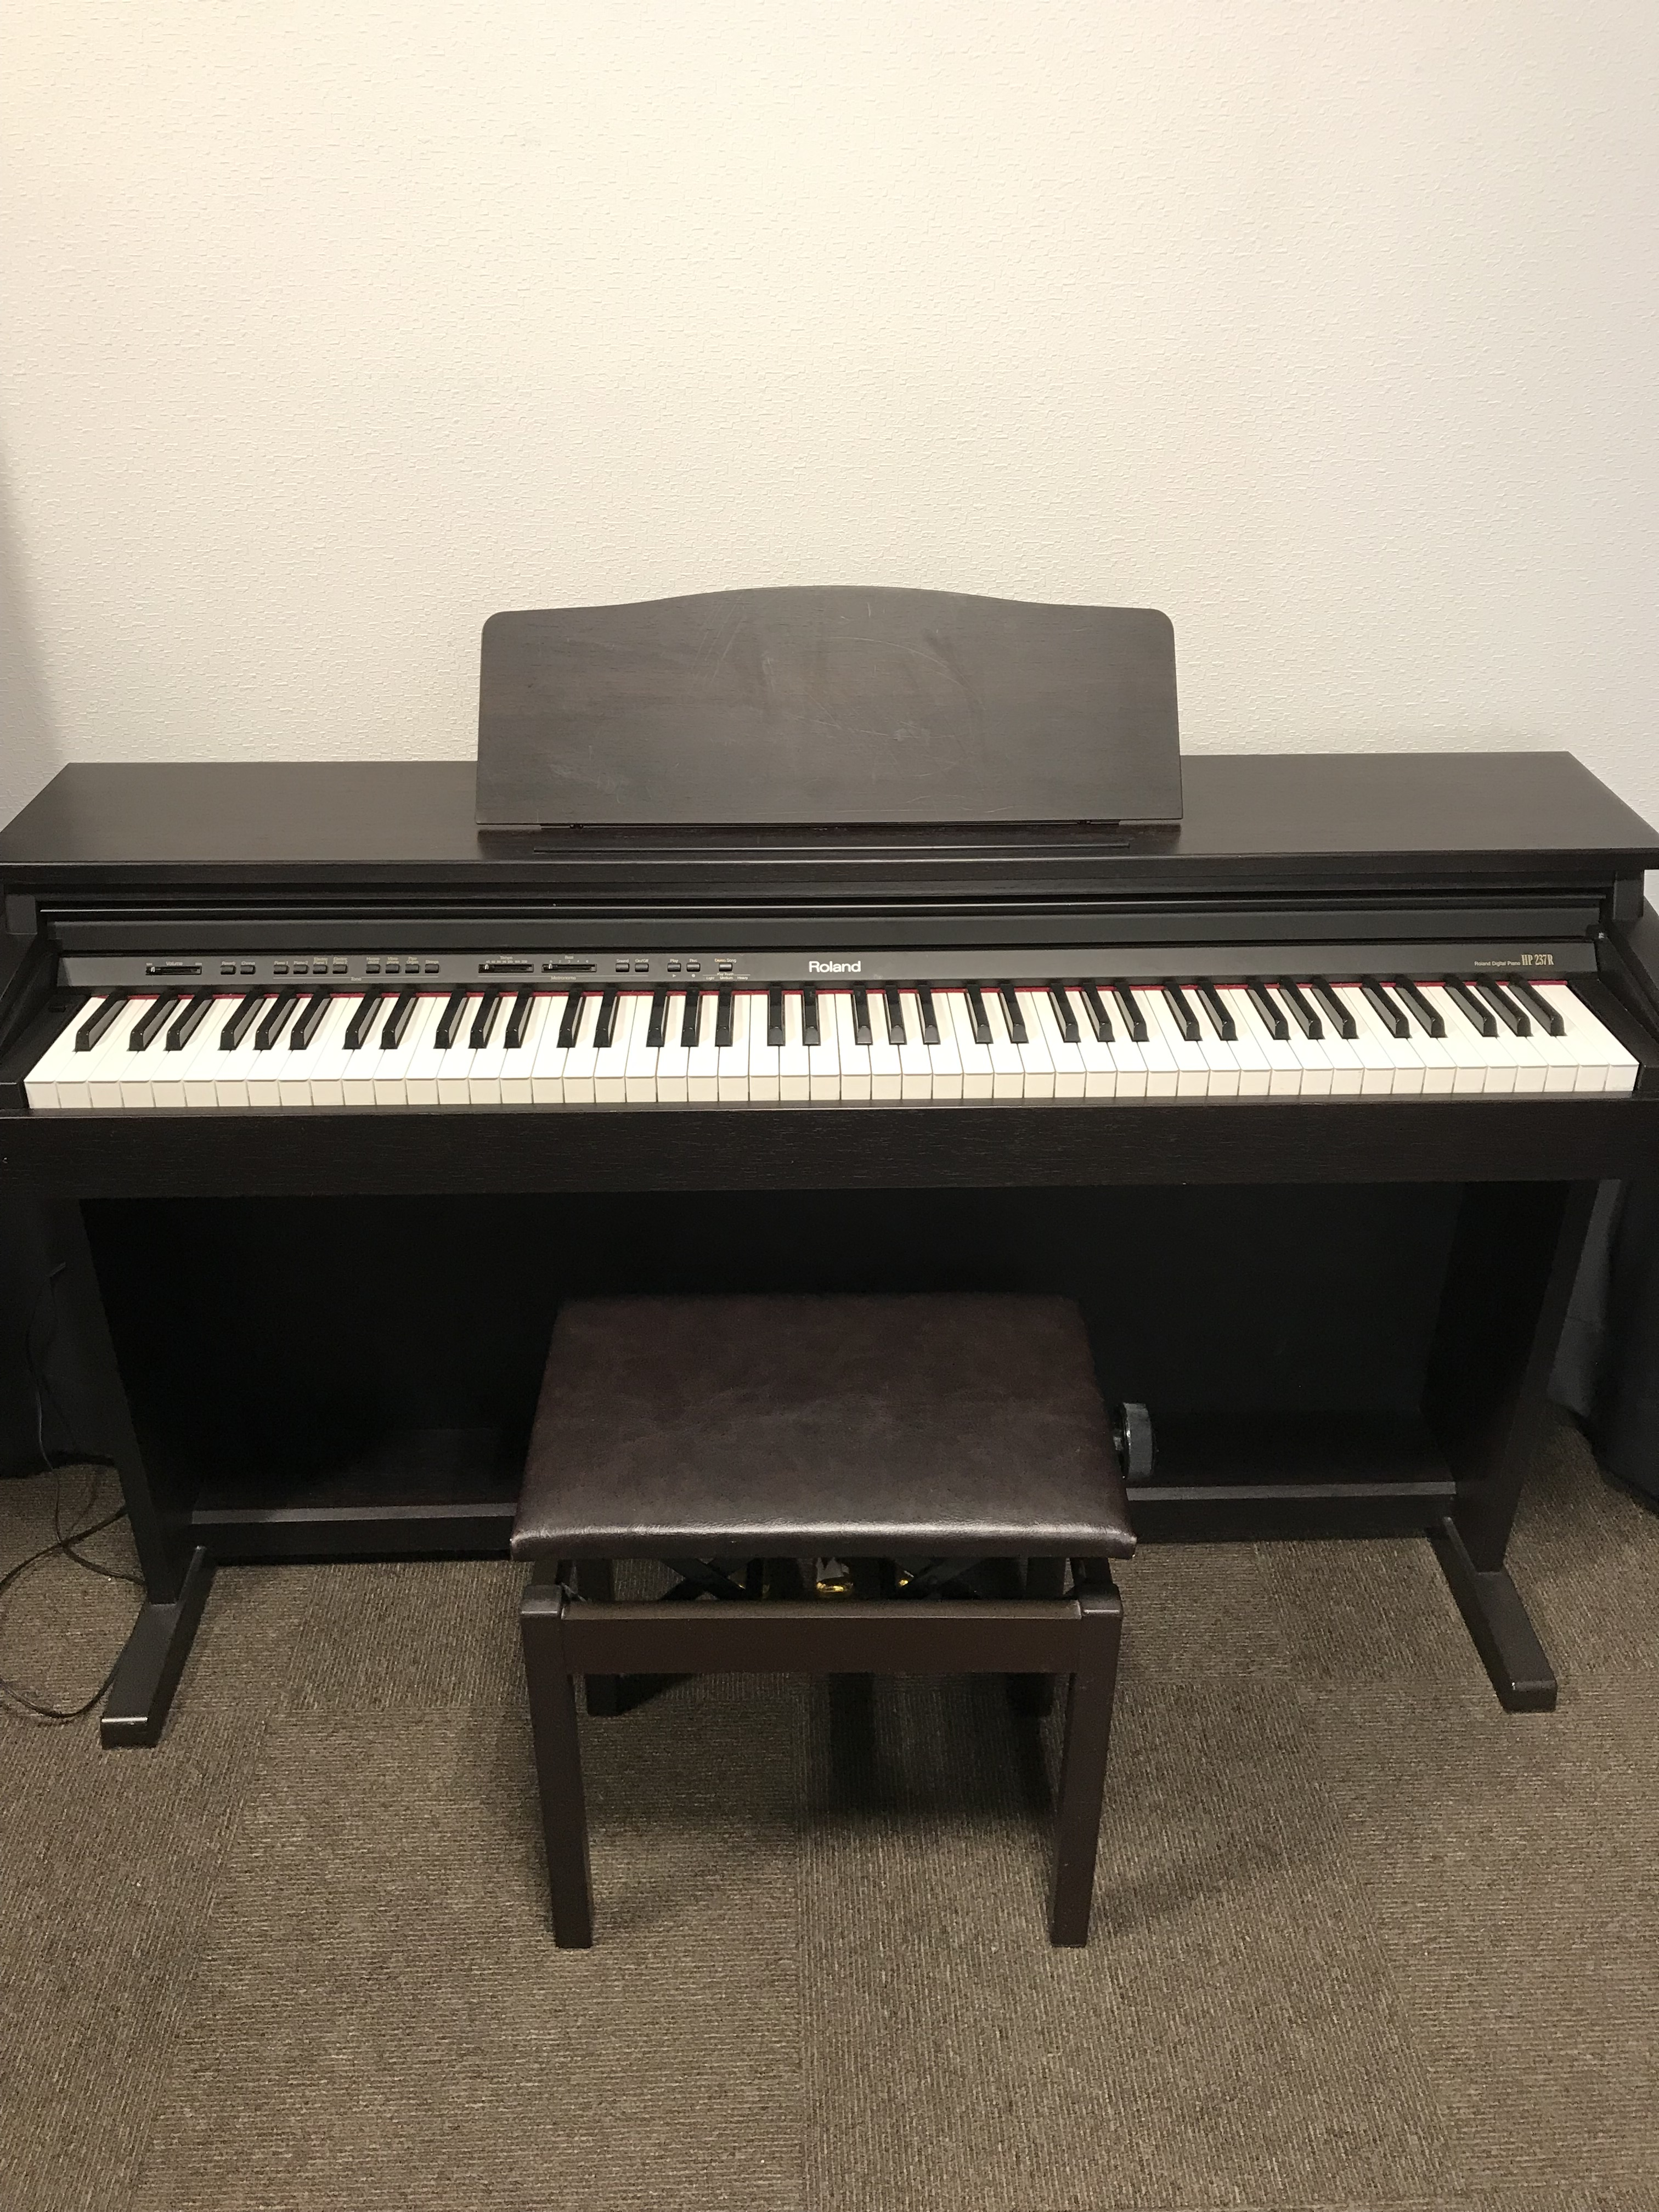 ローランドデジタルピアノ HP-237R